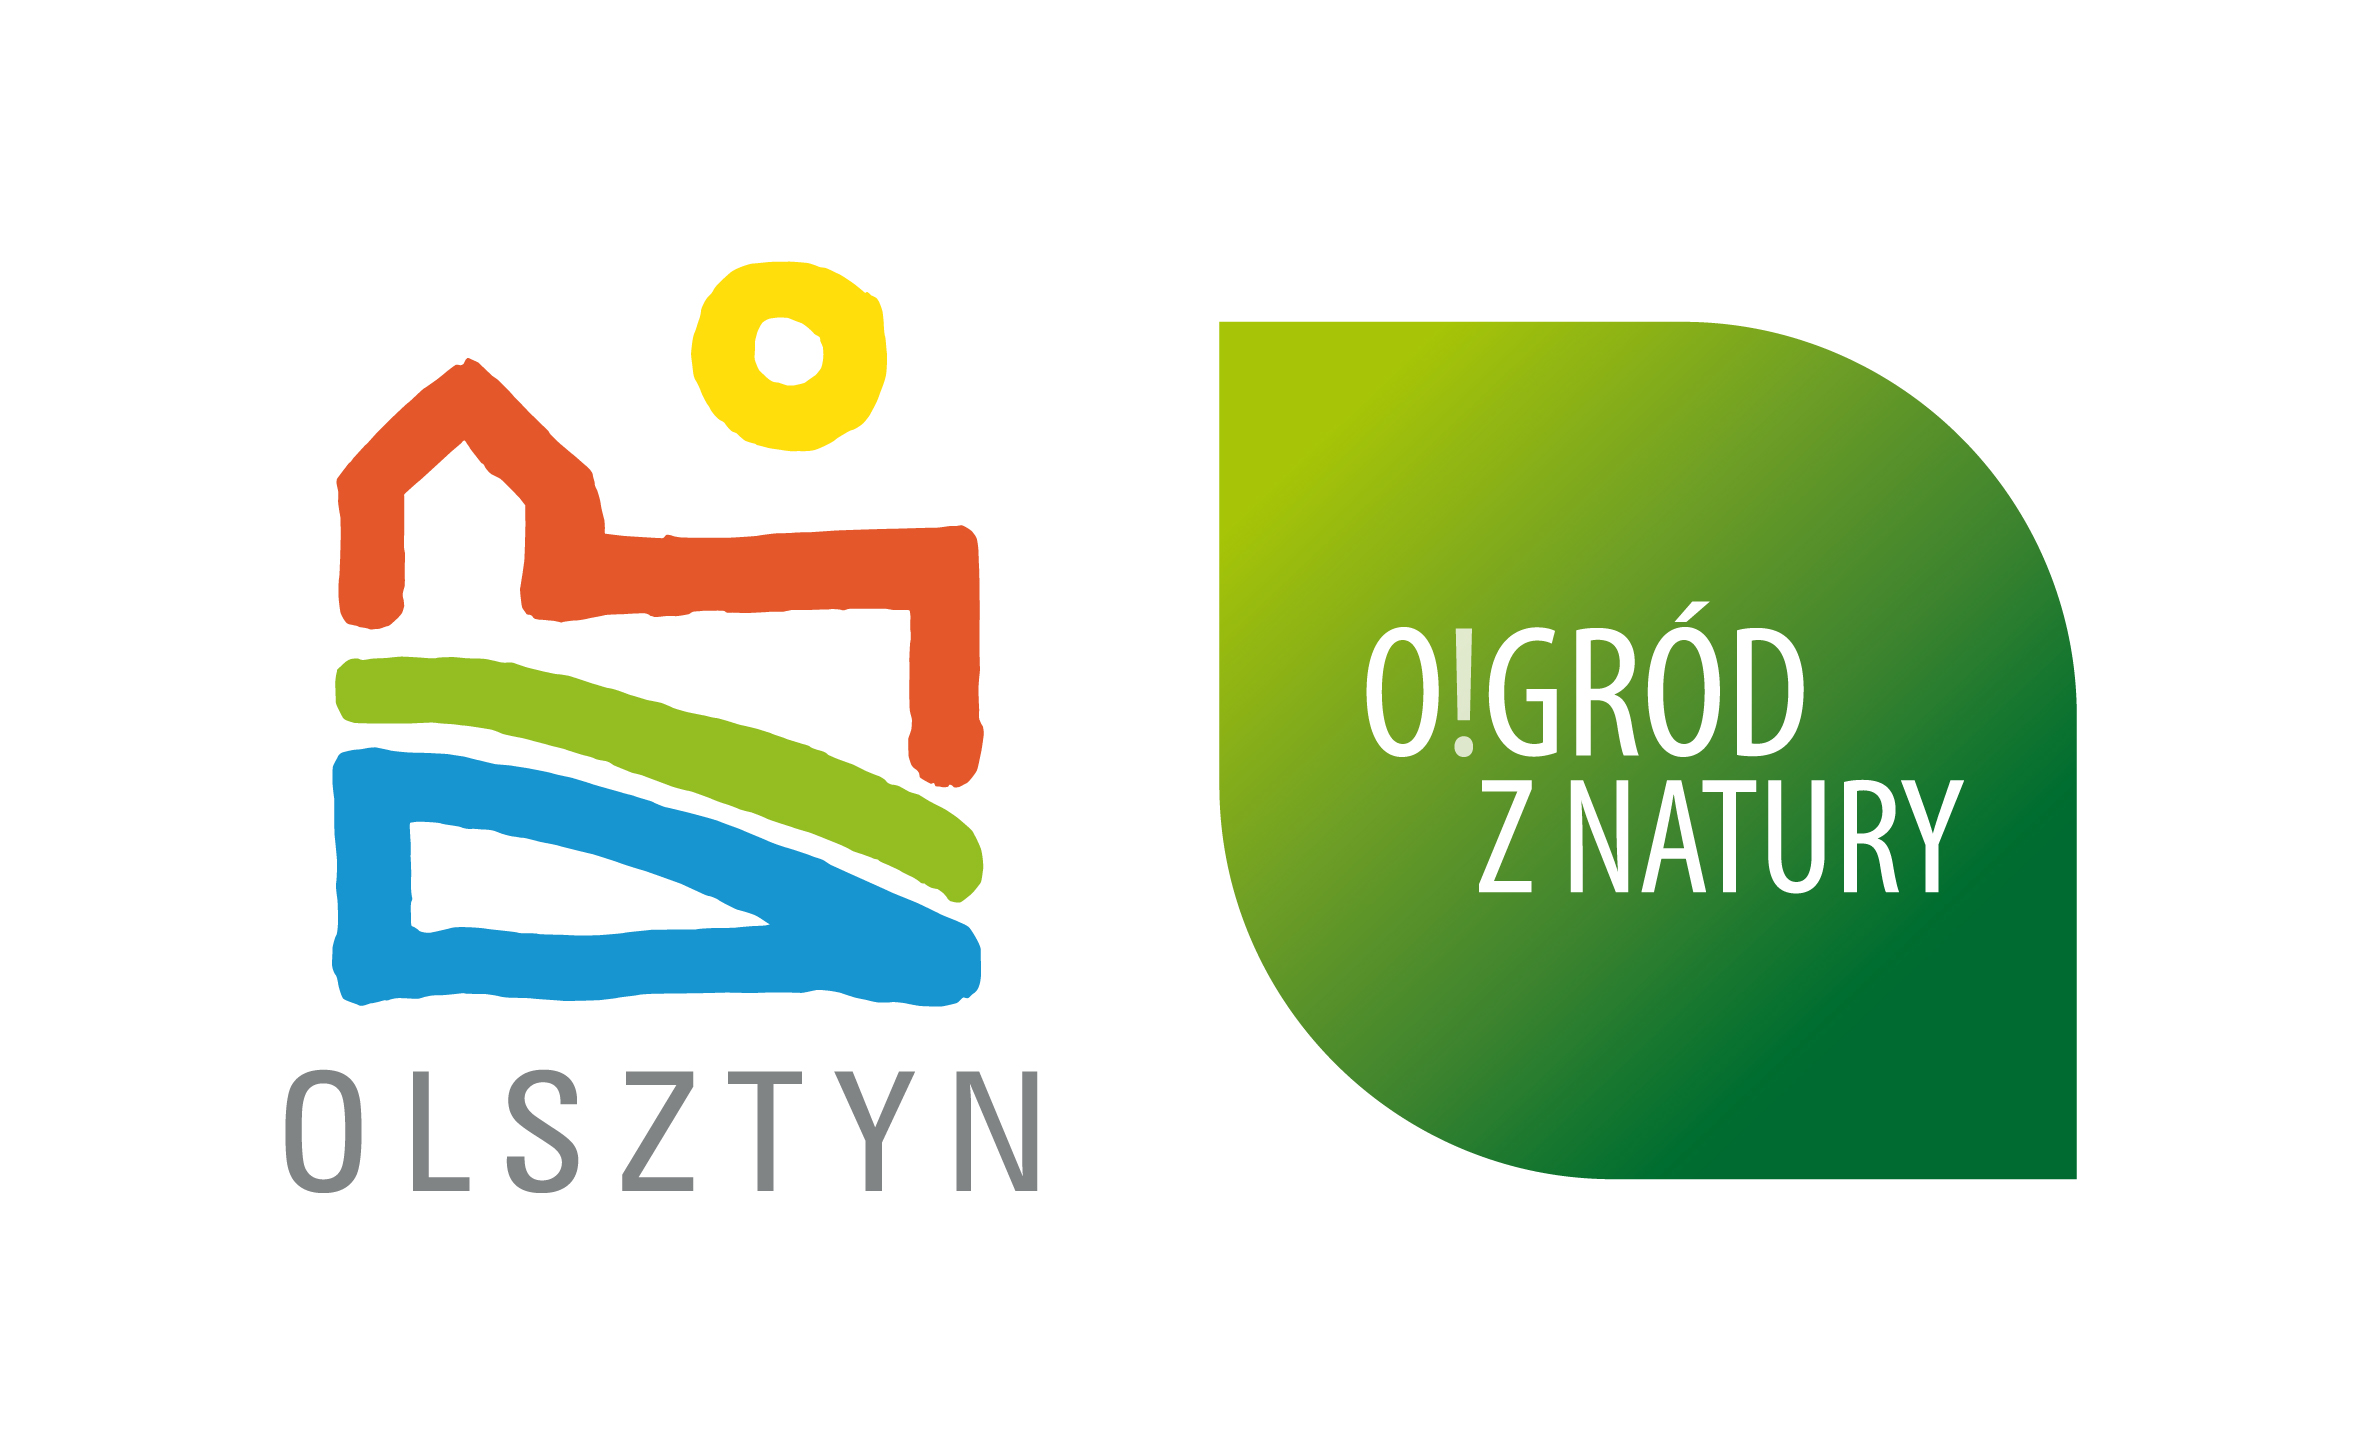 Logo Olsztyn Ogród z natury z odnośnikiem do strony Miasta Olsztyna